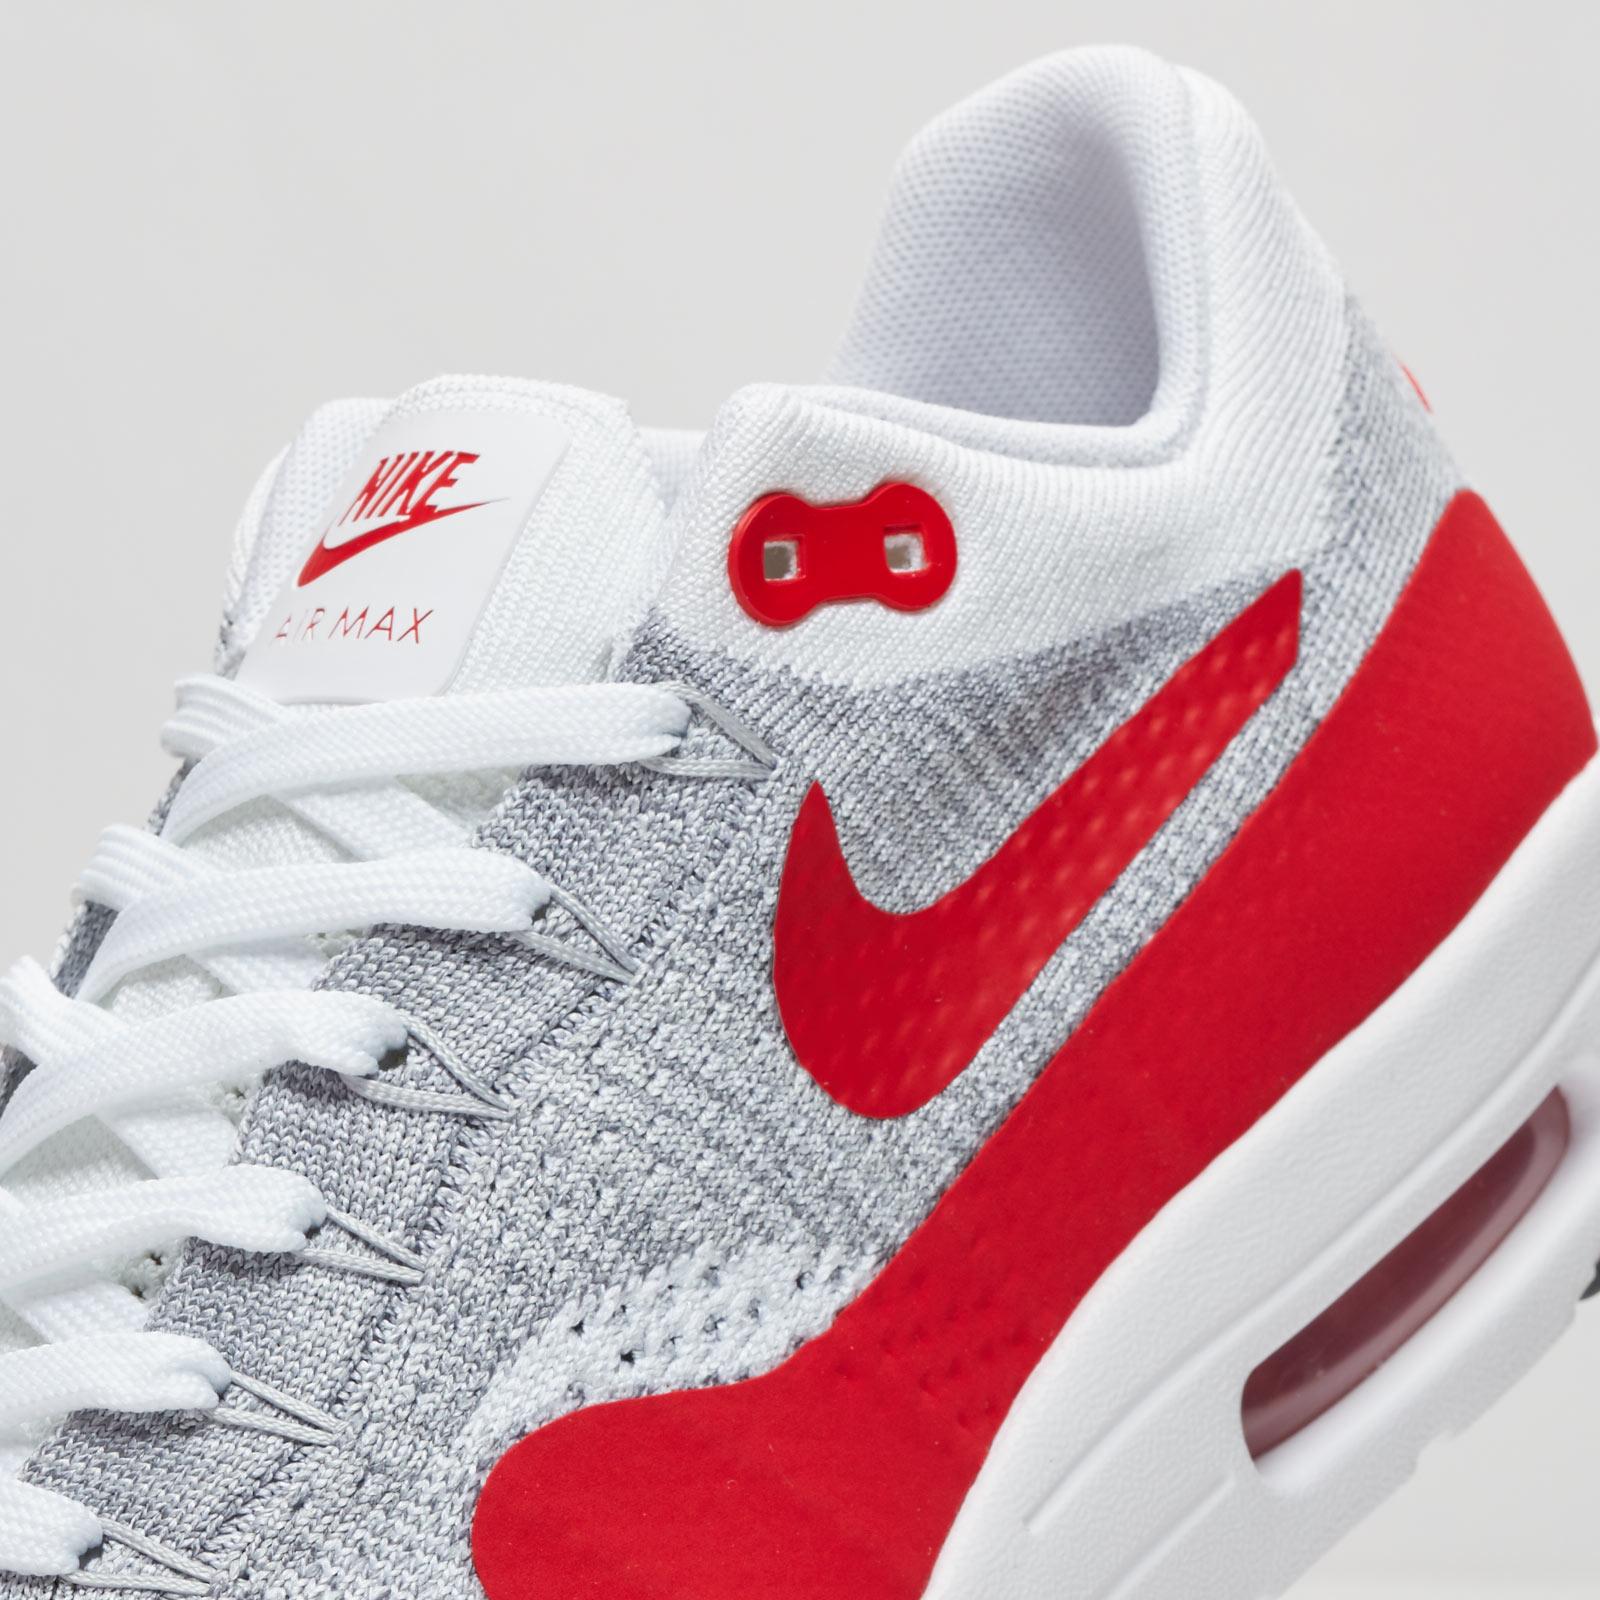 2869acf1dd Nike Air Max 1 Ultra Flyknit - 843384-101 - Sneakersnstuff | sneakers &  streetwear online since 1999